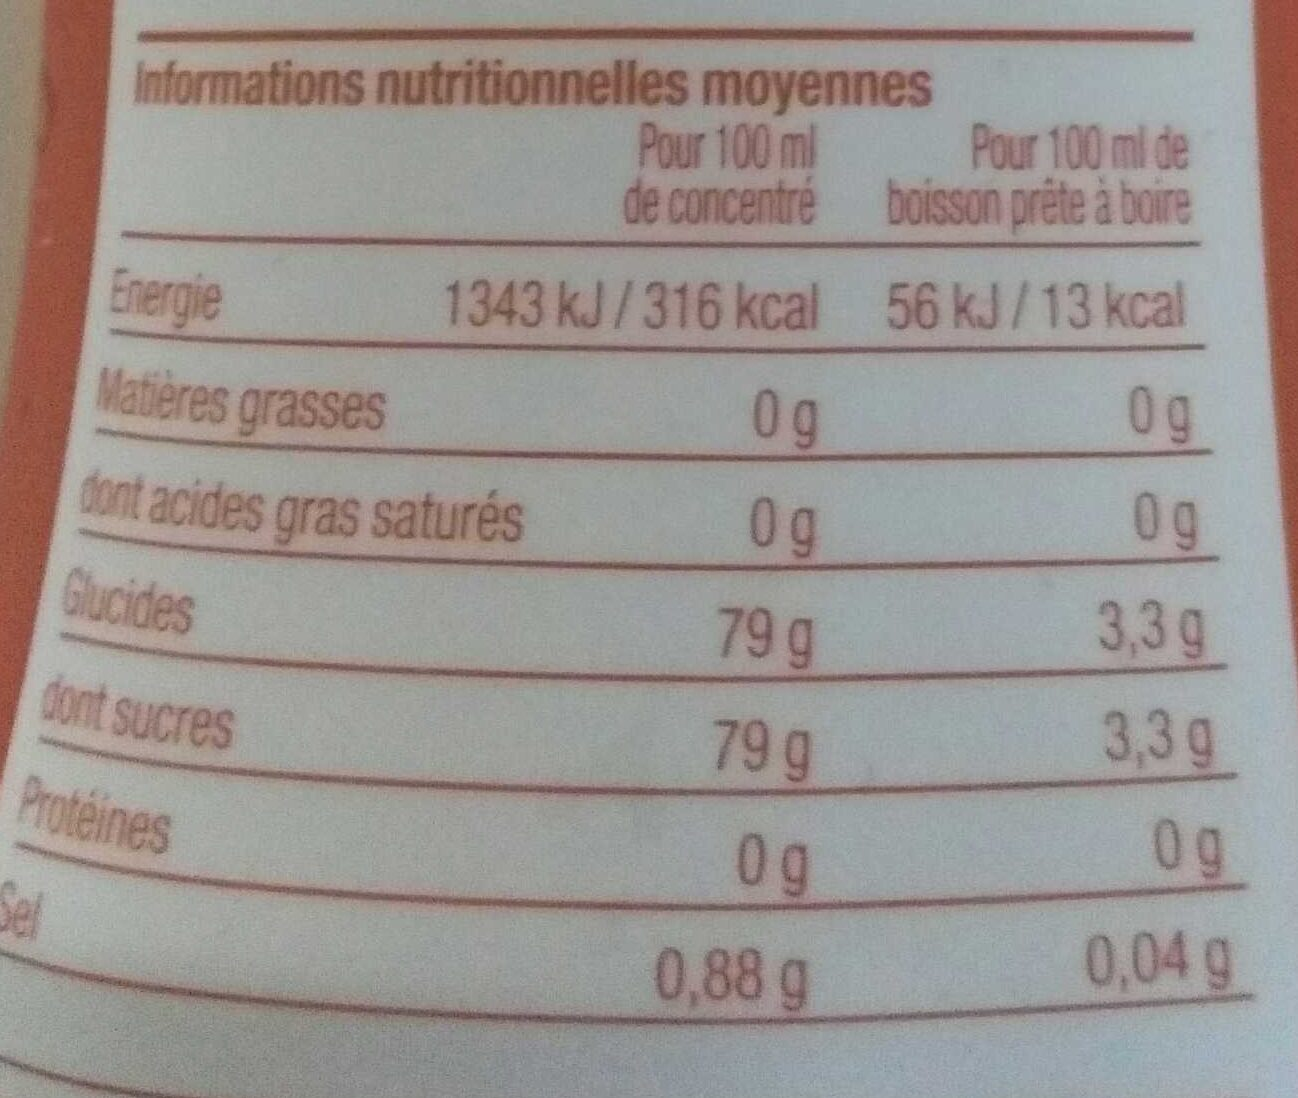 Concentré saveur orange, pêche, passion - Informations nutritionnelles - fr